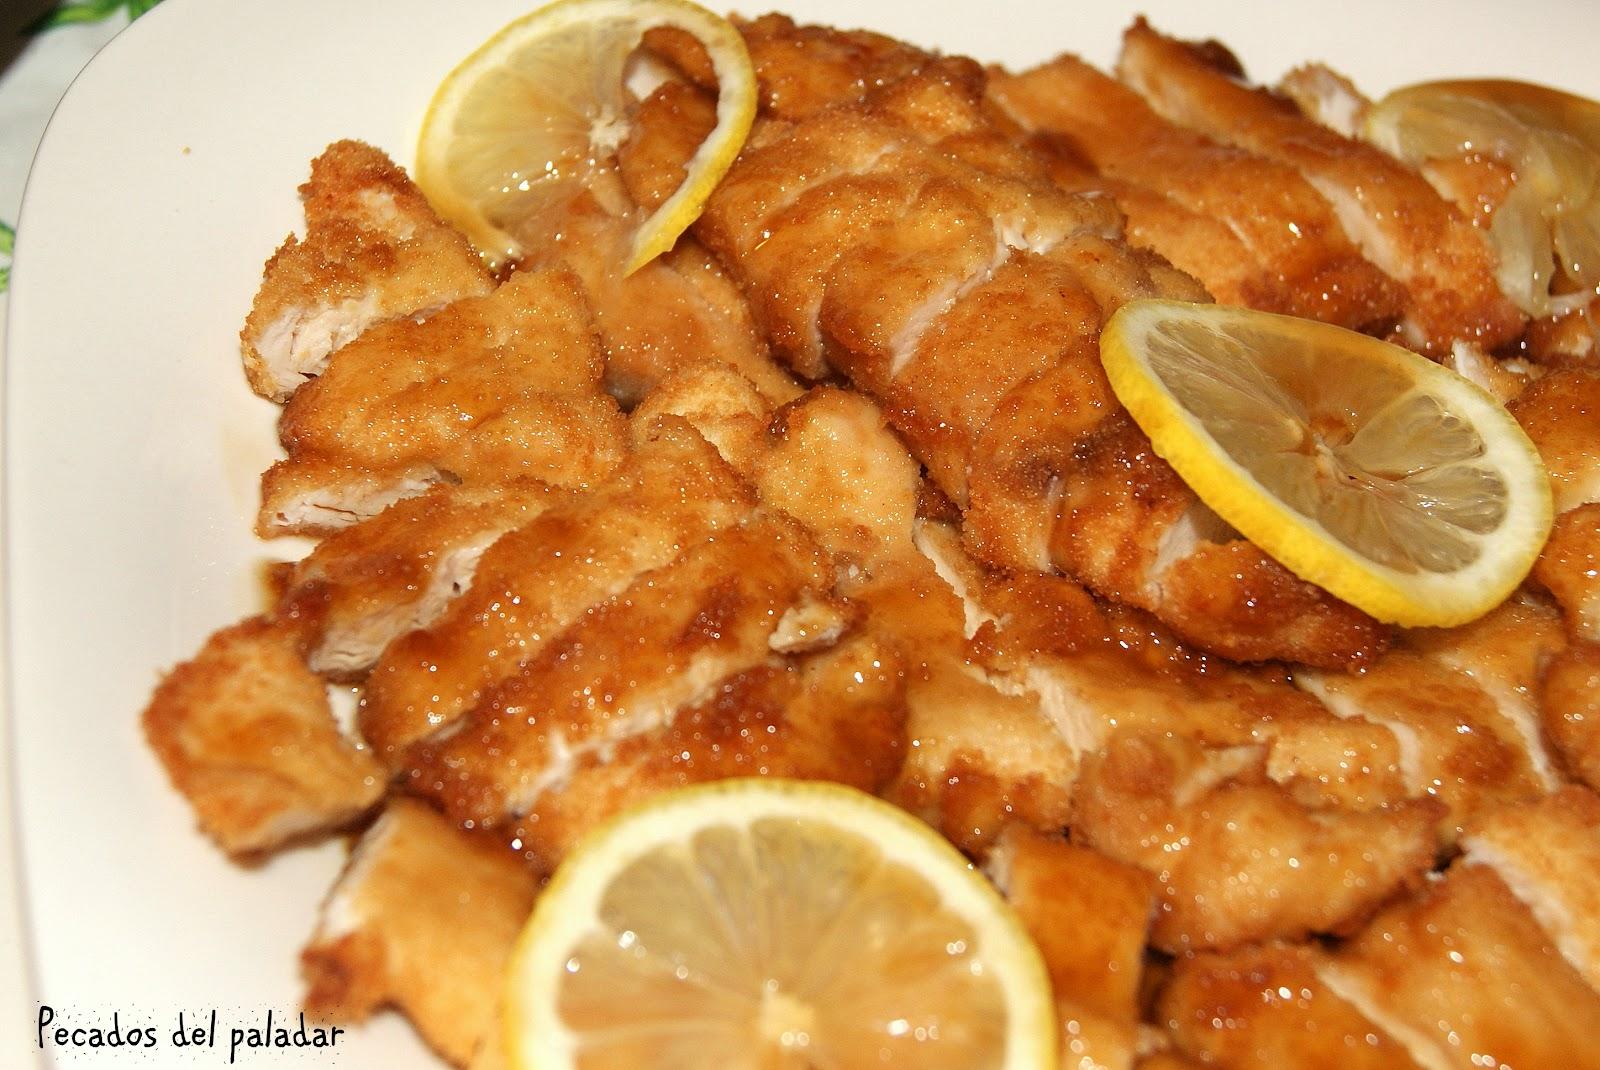 Pecados del paladar pollo al lim n estilo chino - Pechugas de pollo al limon ...